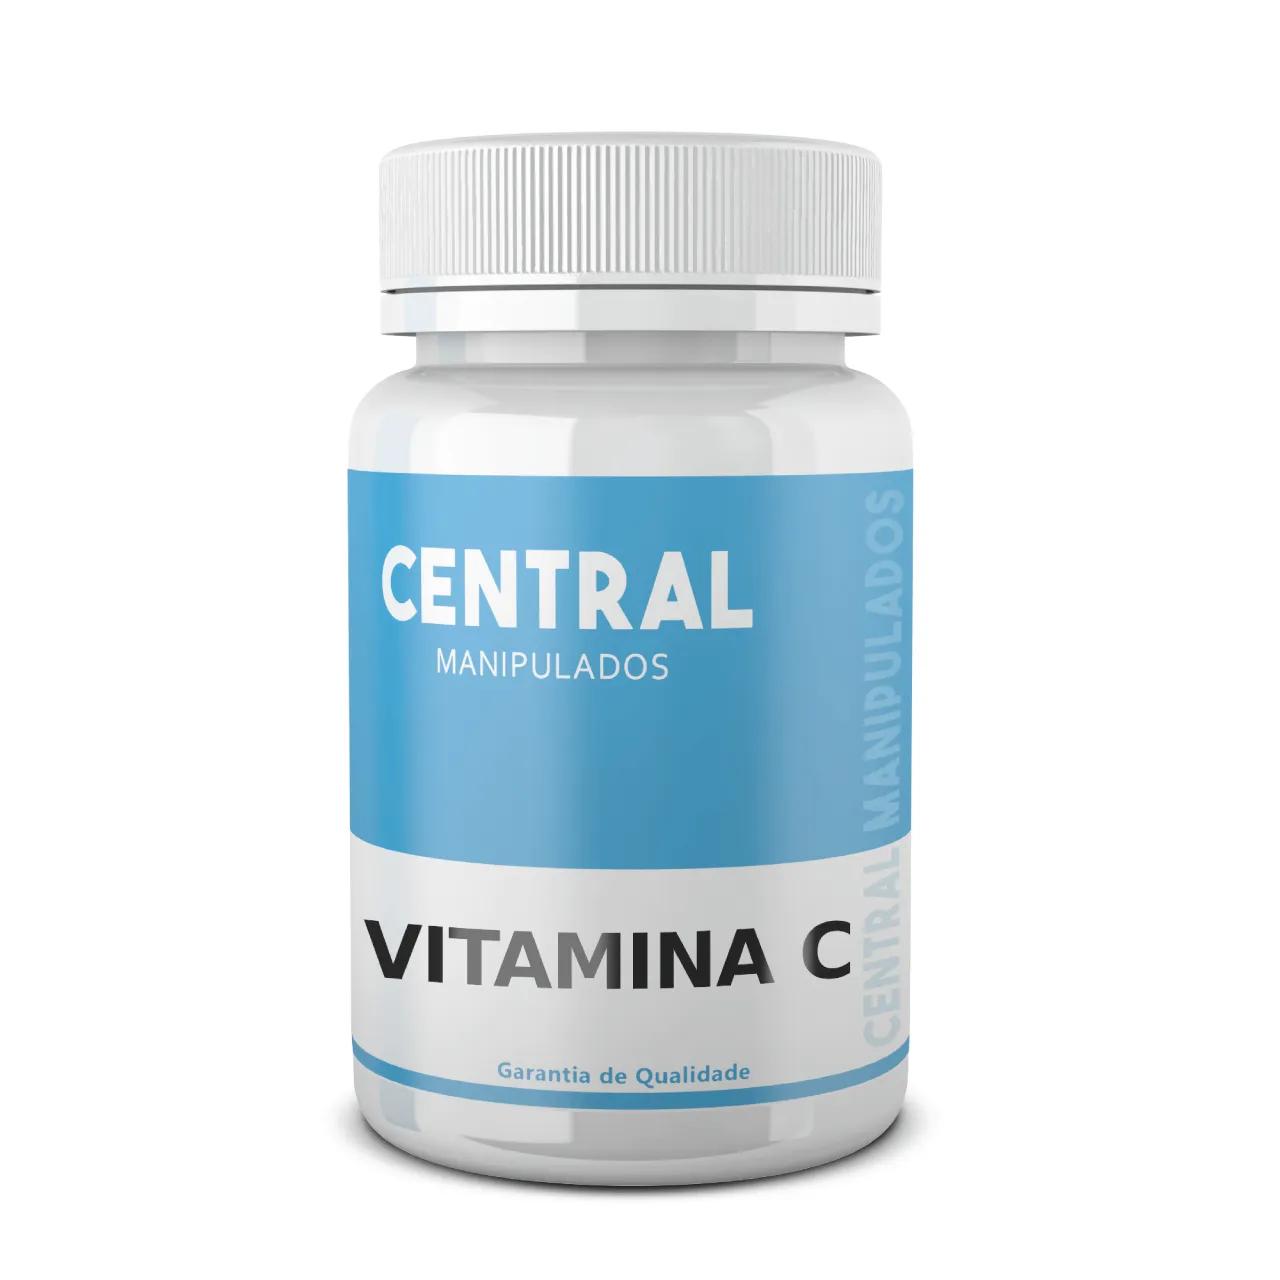 Vitamina C 500mg - 60 cápsulas - Imunidade